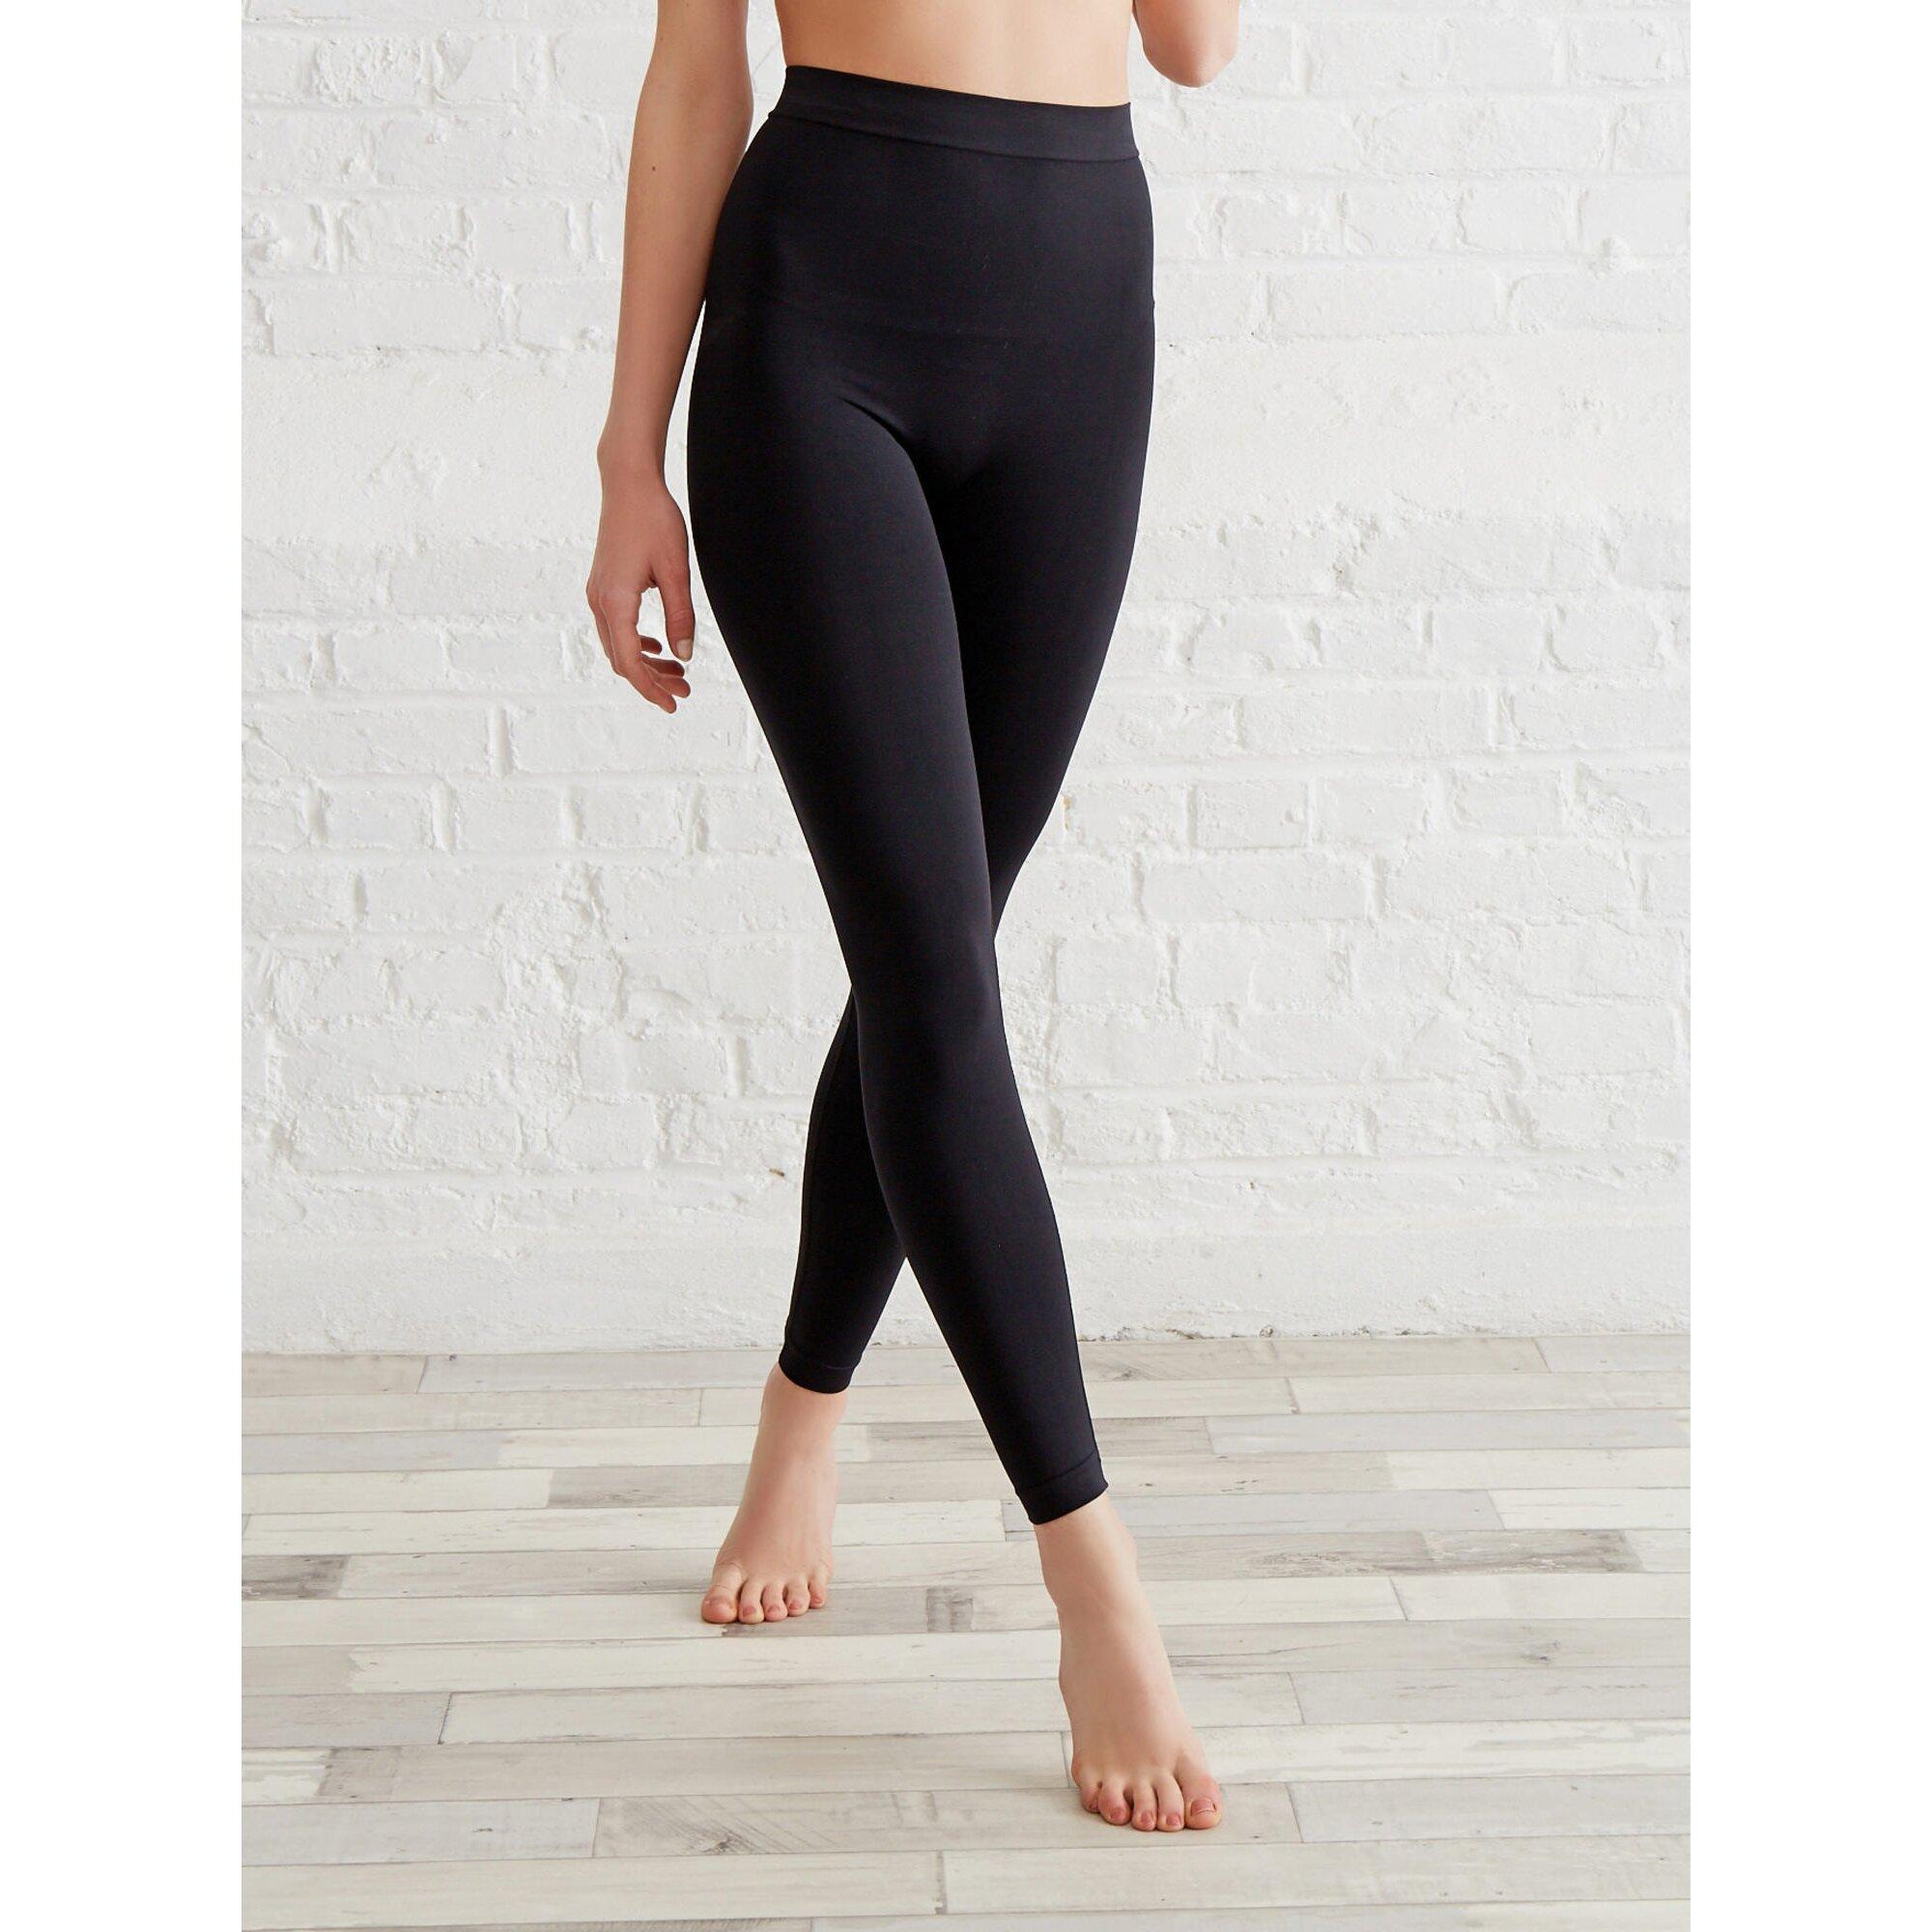 vertbaudet-shapewear-leggings-schrittlange-83-cm